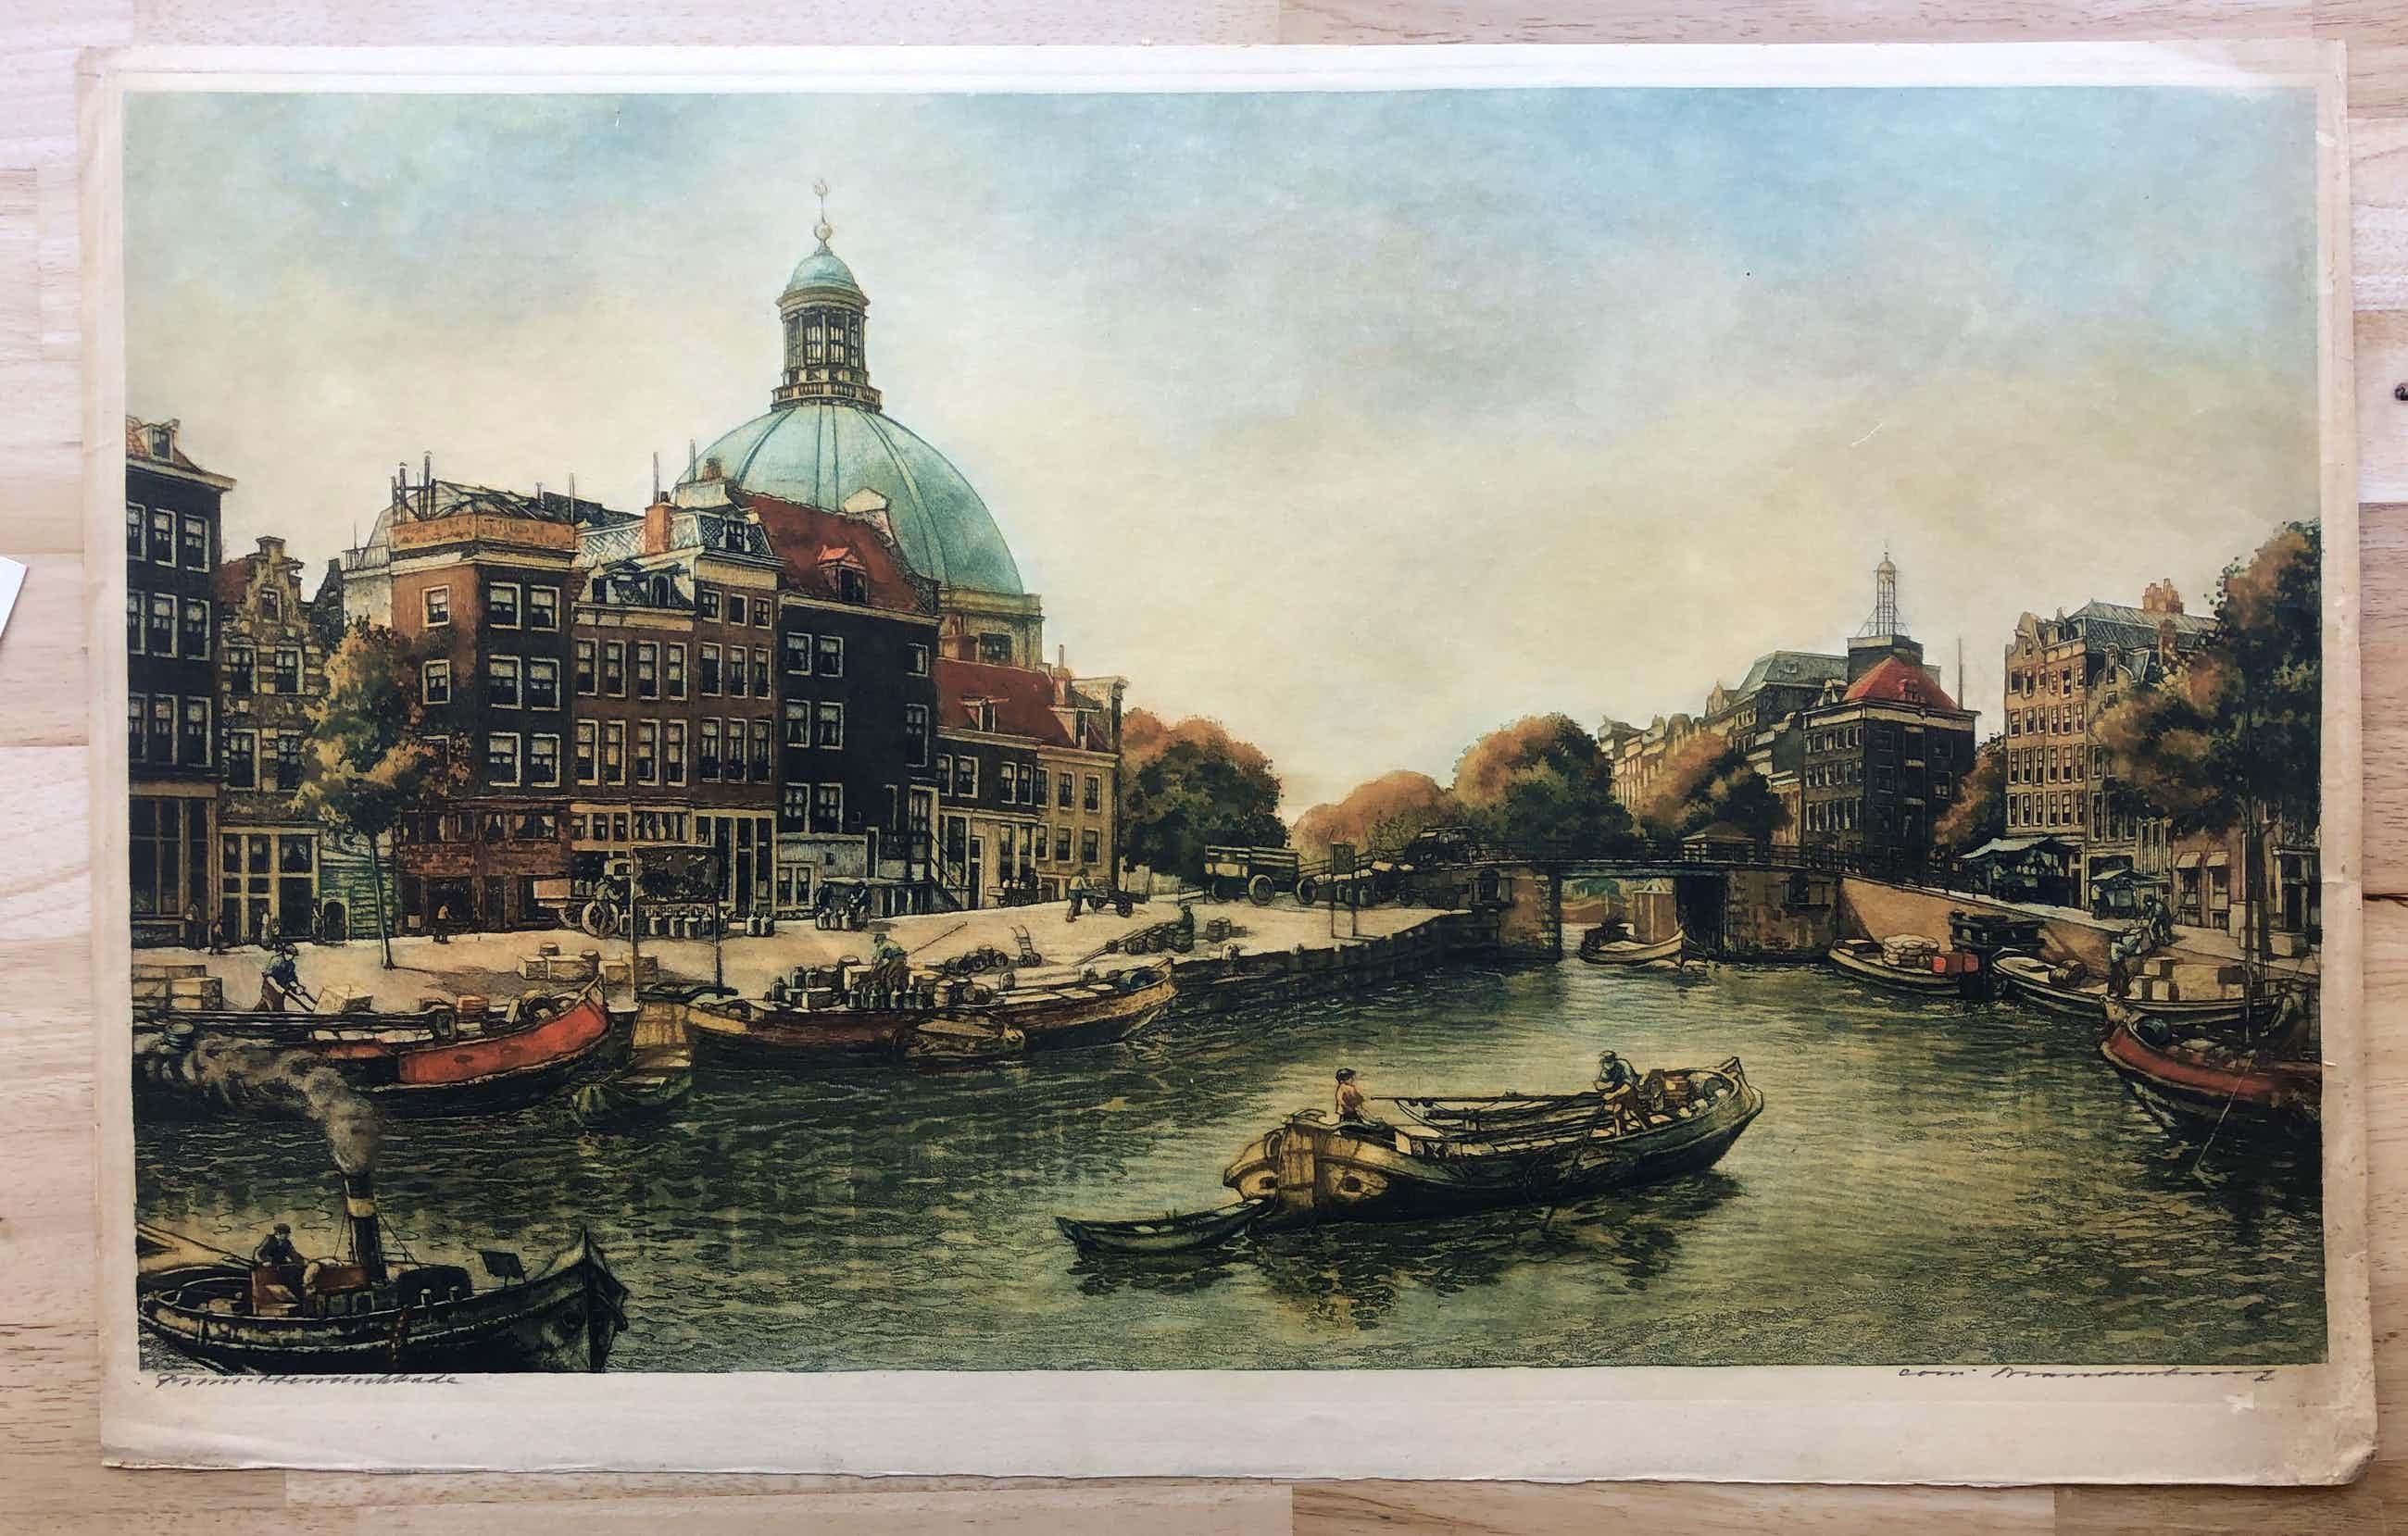 Cornelis Brandenburg - CORNELIS BRANDENBURG - GROTE ETS PRINSHENDRIKKADE kopen? Bied vanaf 70!